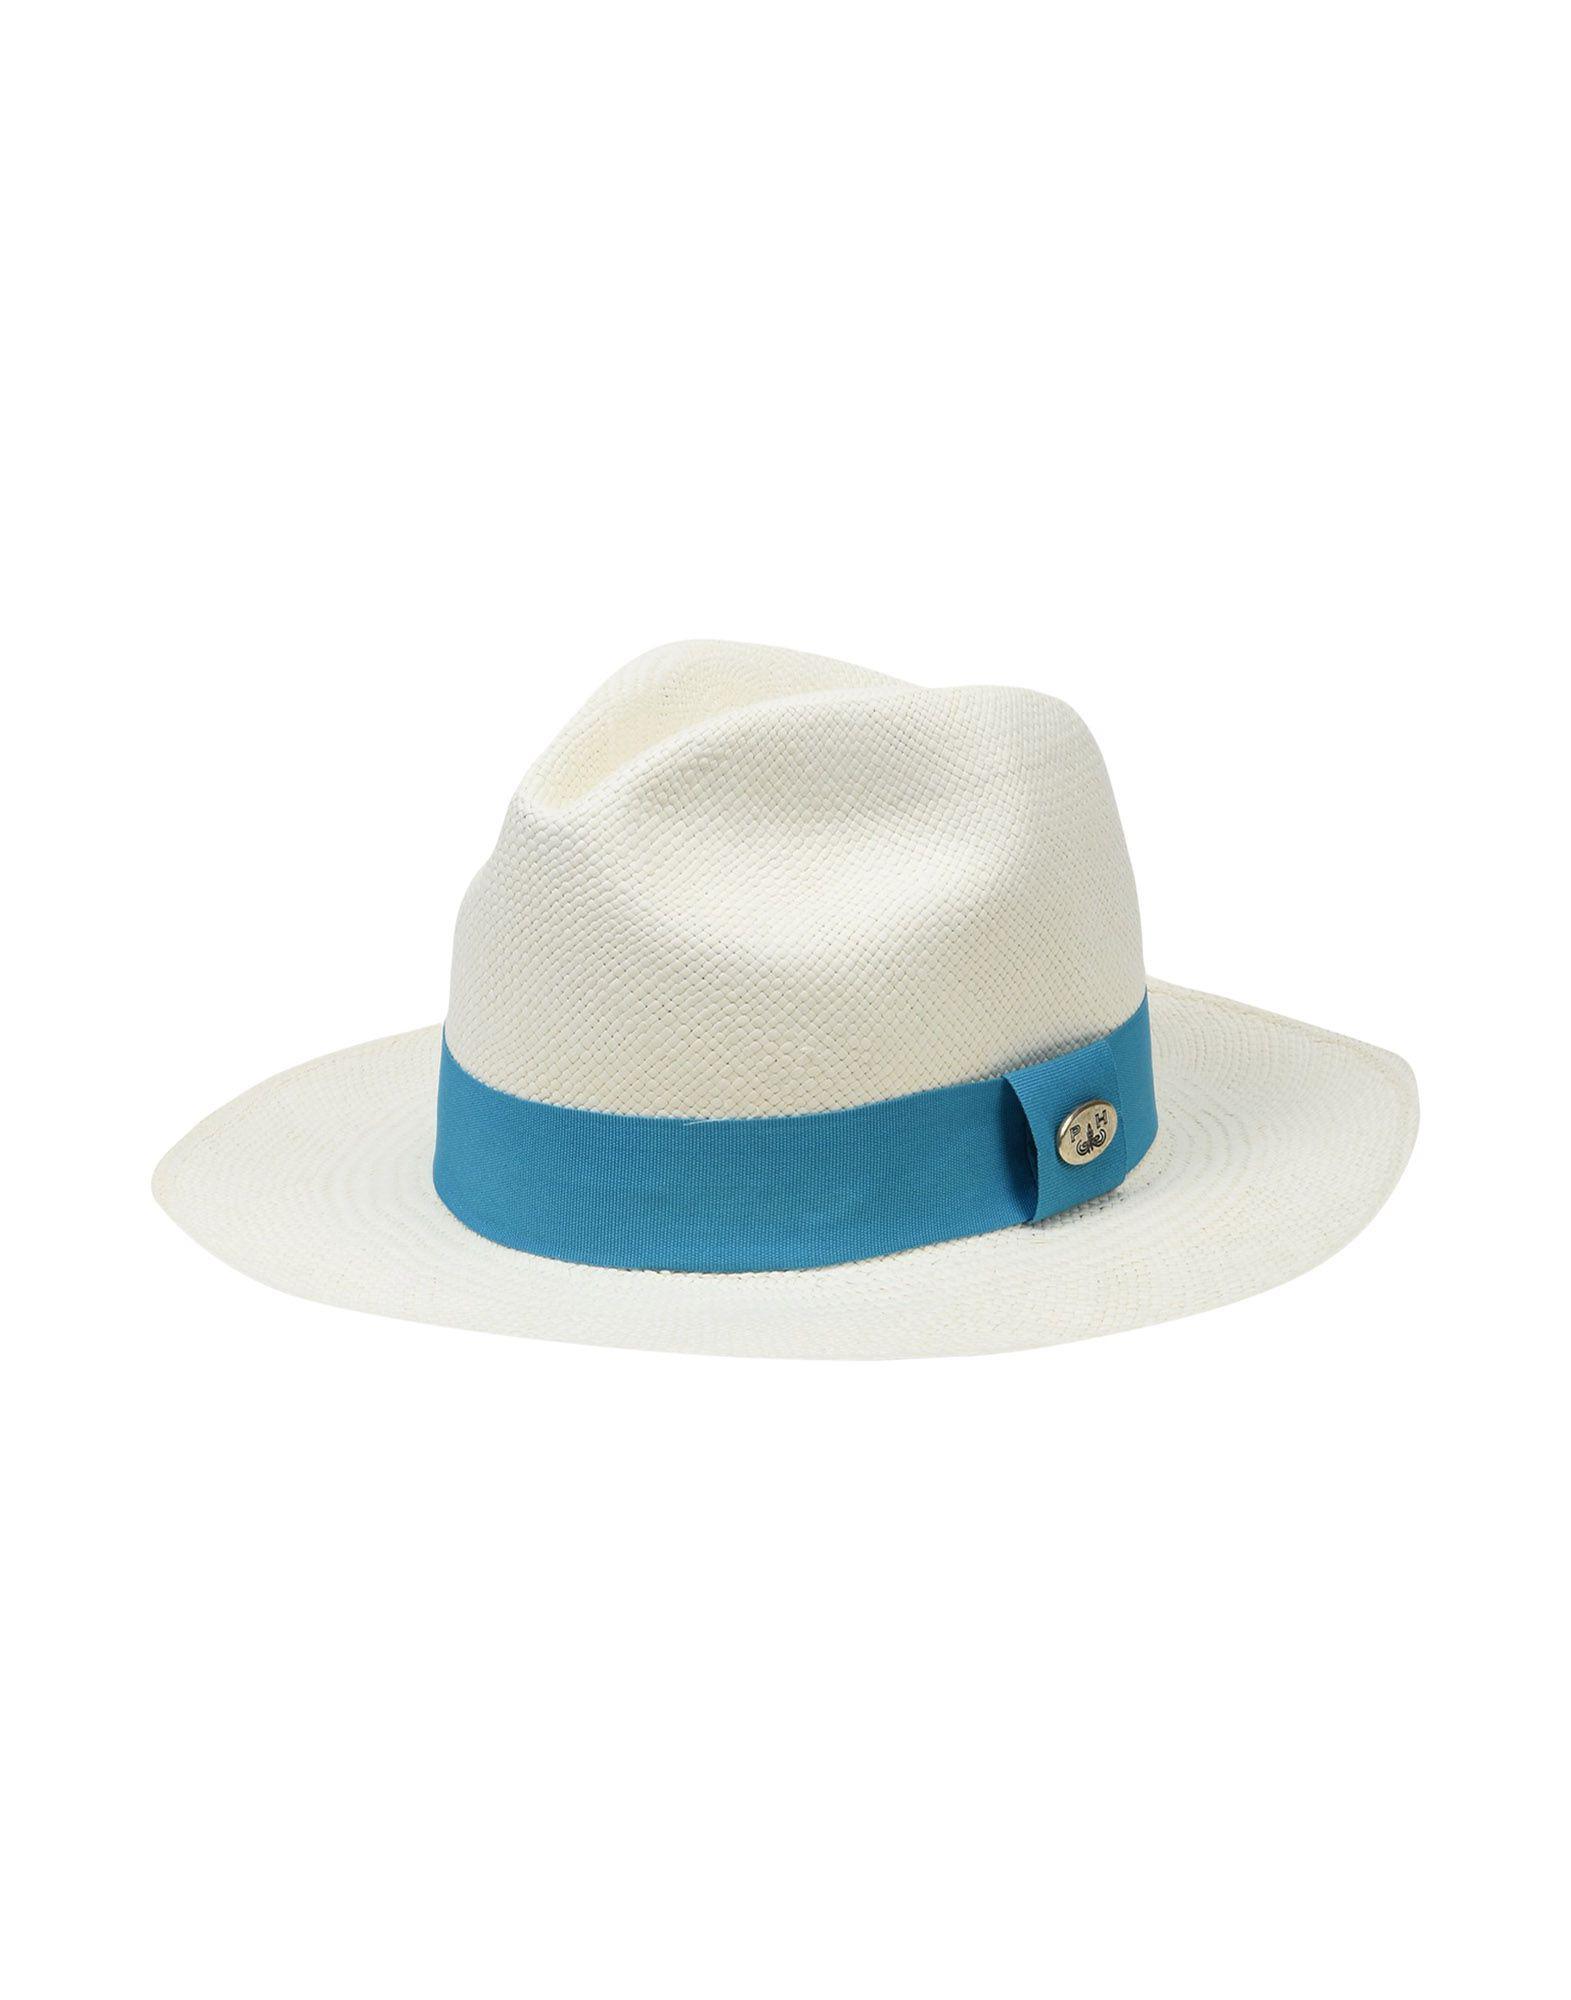 ACCESSORIES - Hats Scaglione f7MO78Fk